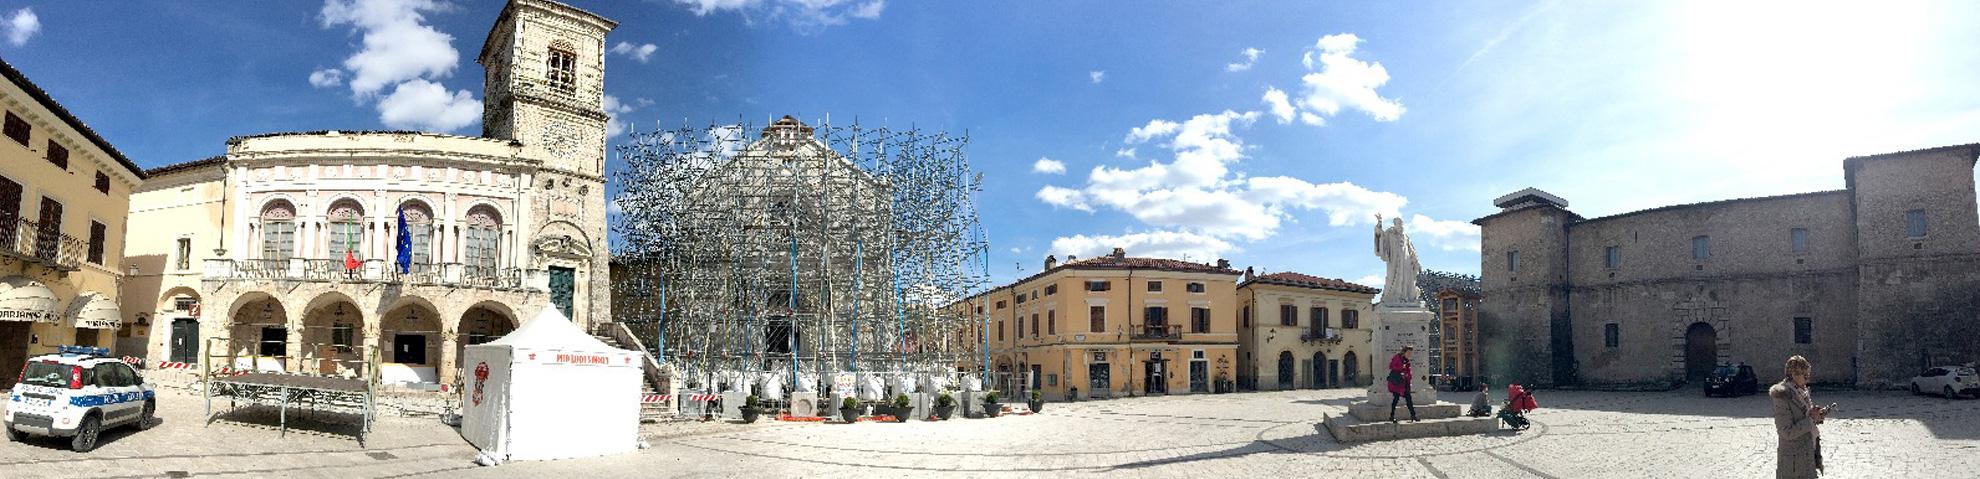 Norcia Piazza San Benedetto